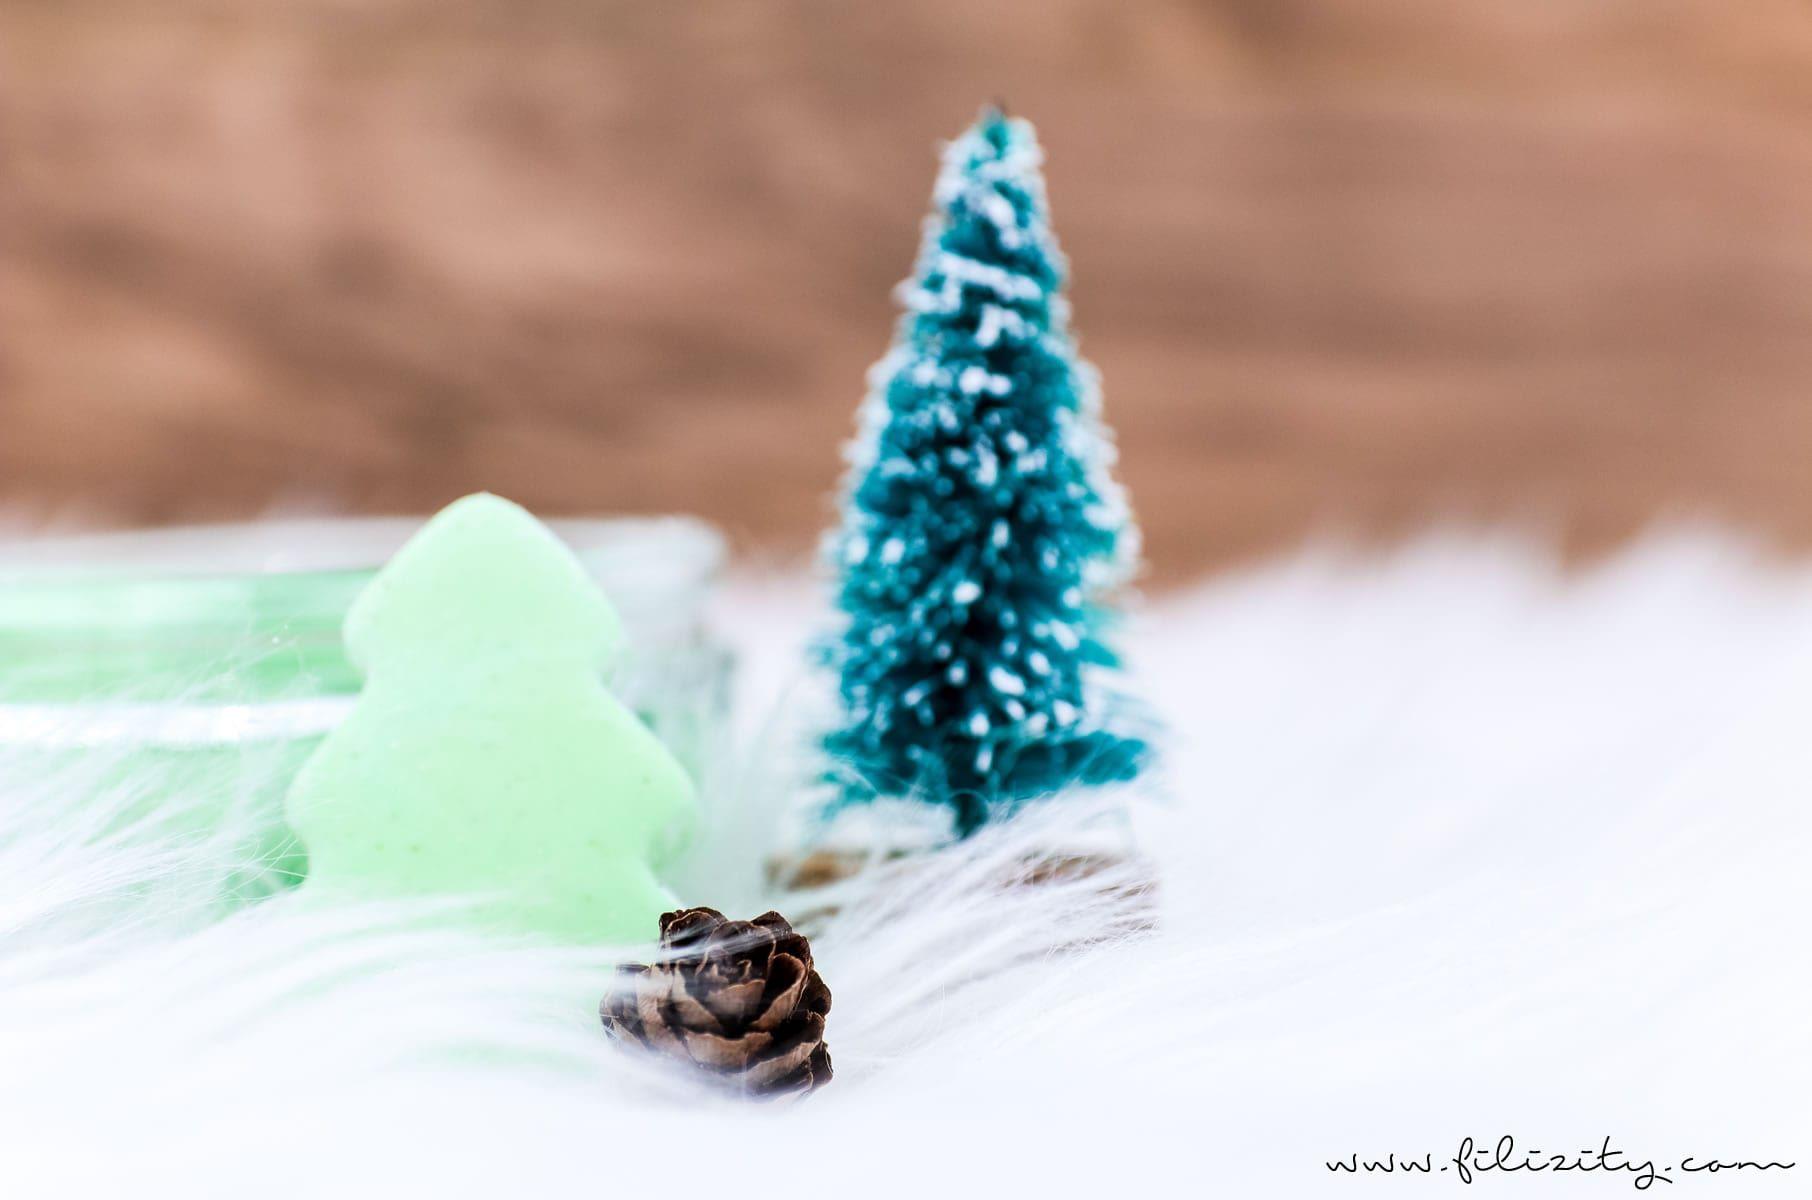 """weihnachts-geschenkidee: diy knetseife """"tannenbaum"""" selber"""